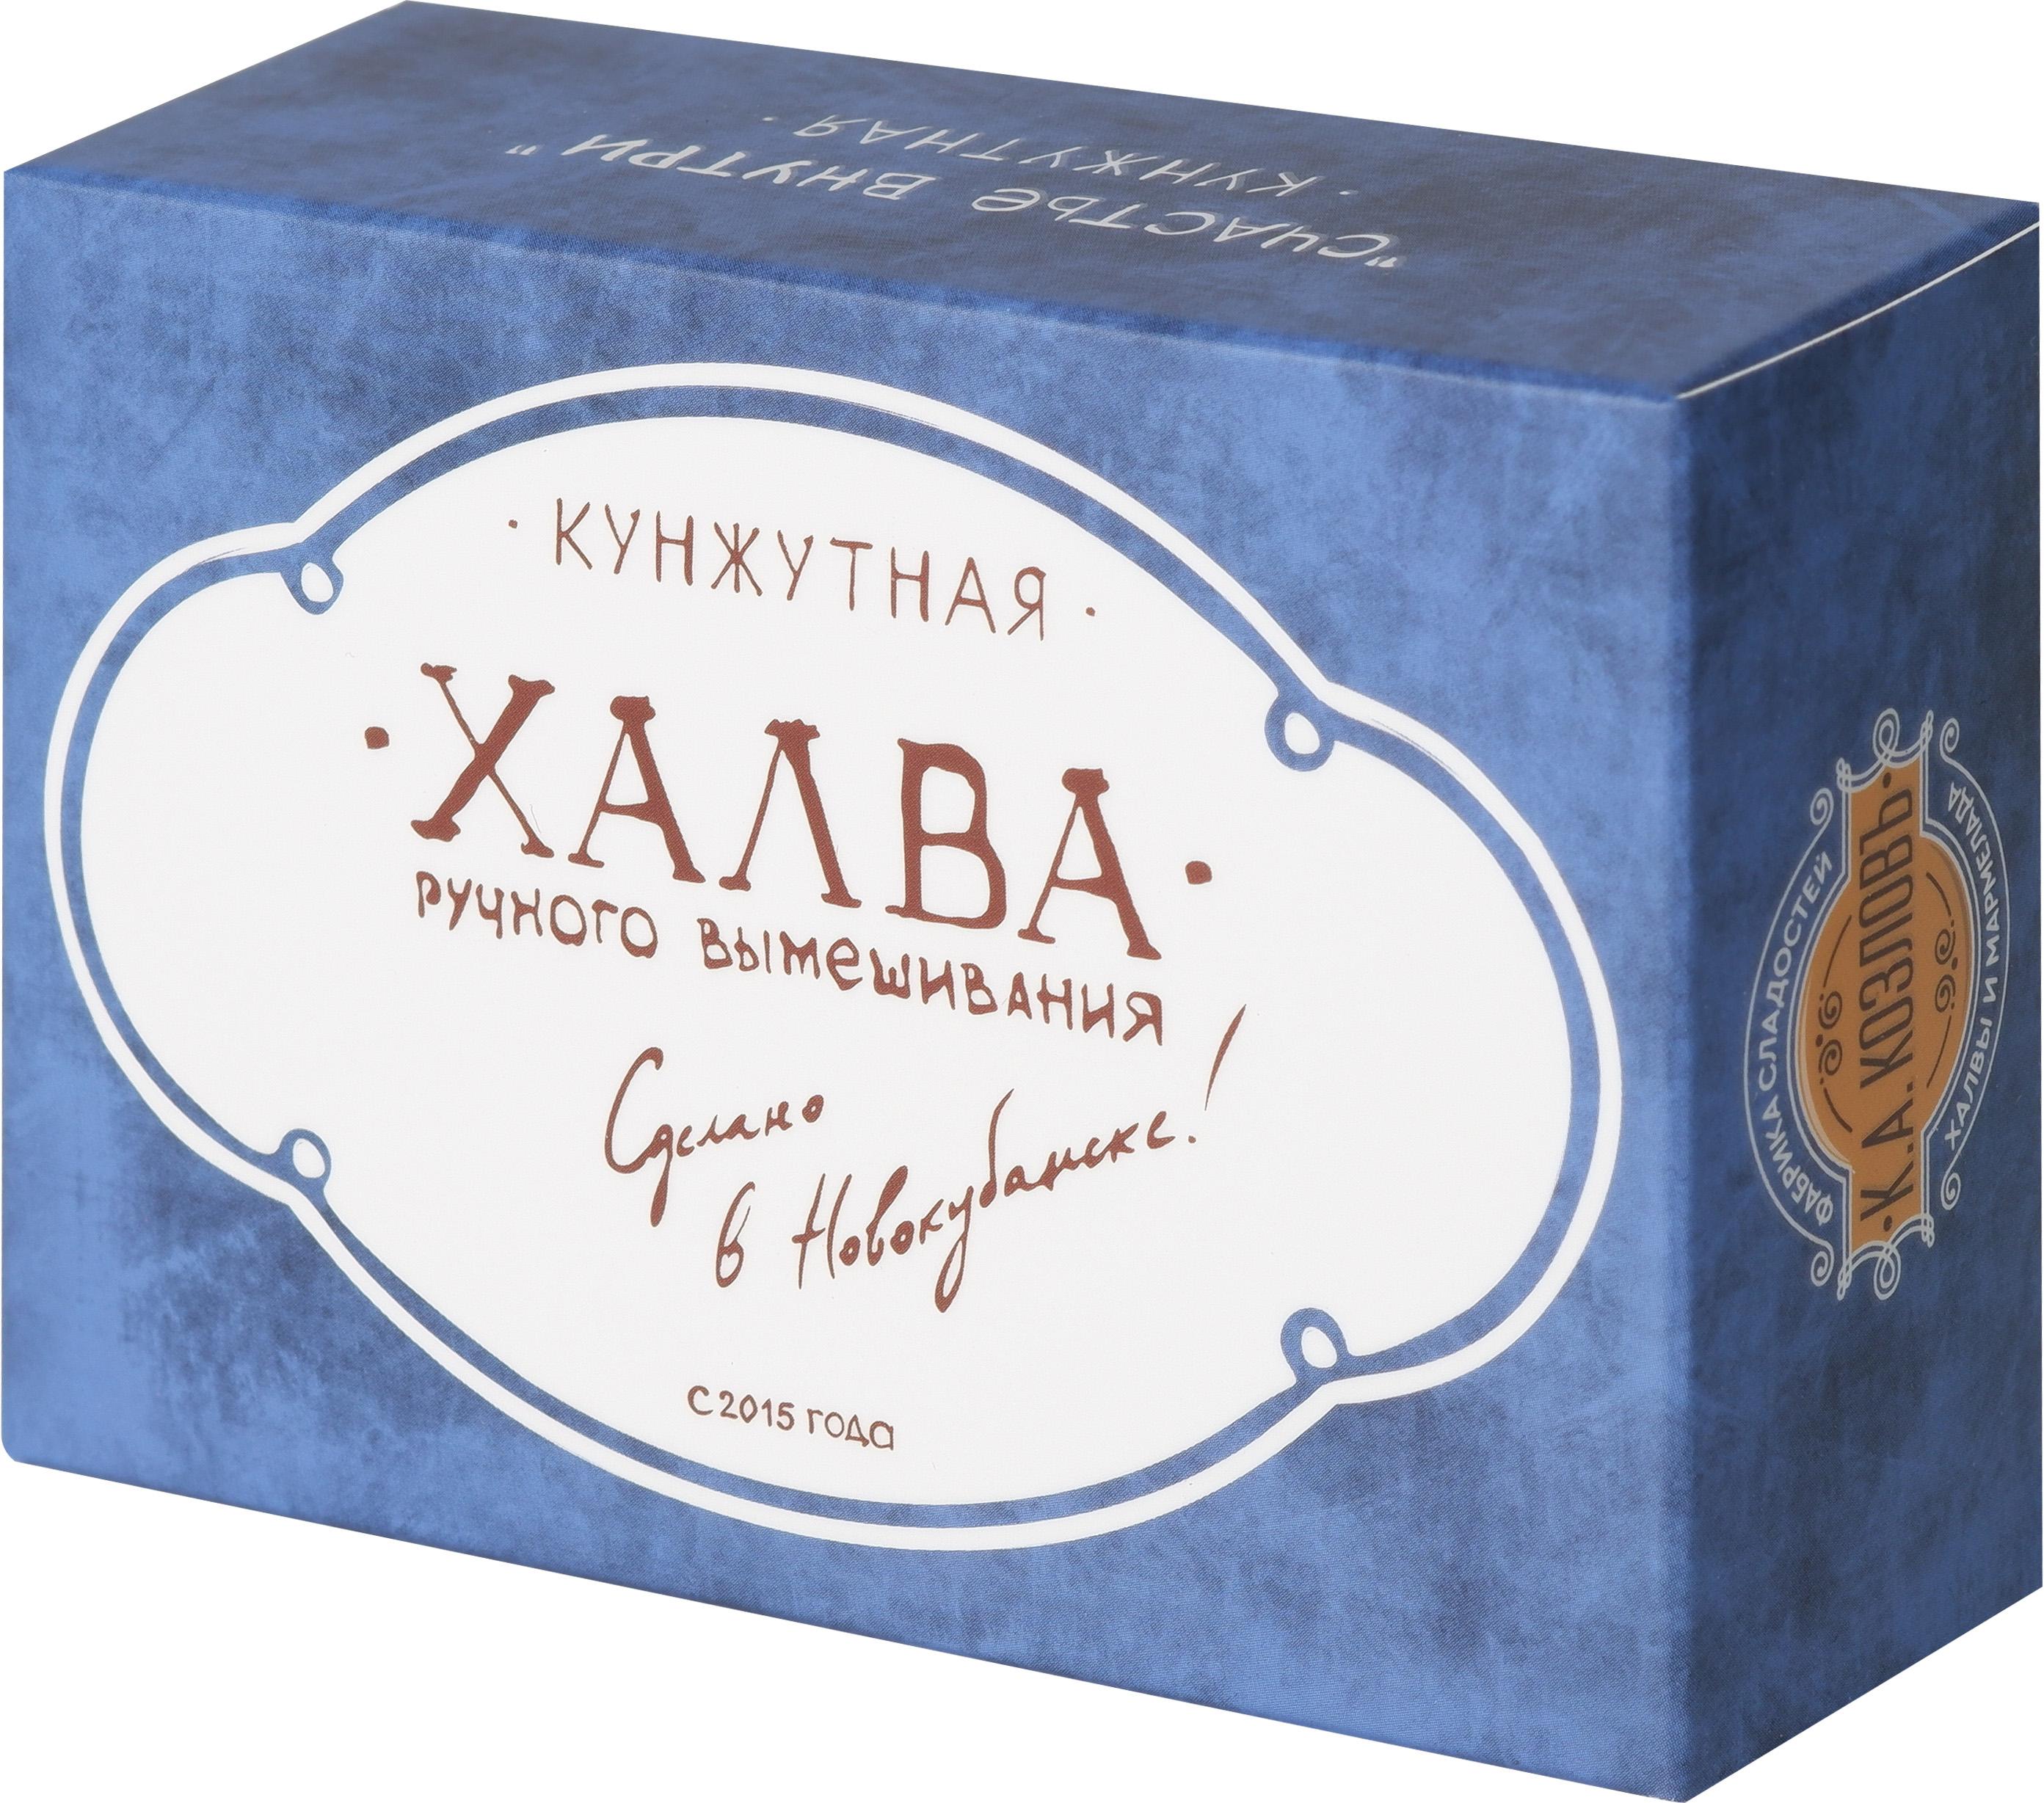 картинка Халва кунжутная 250гр. от магазина фабрики Козлова